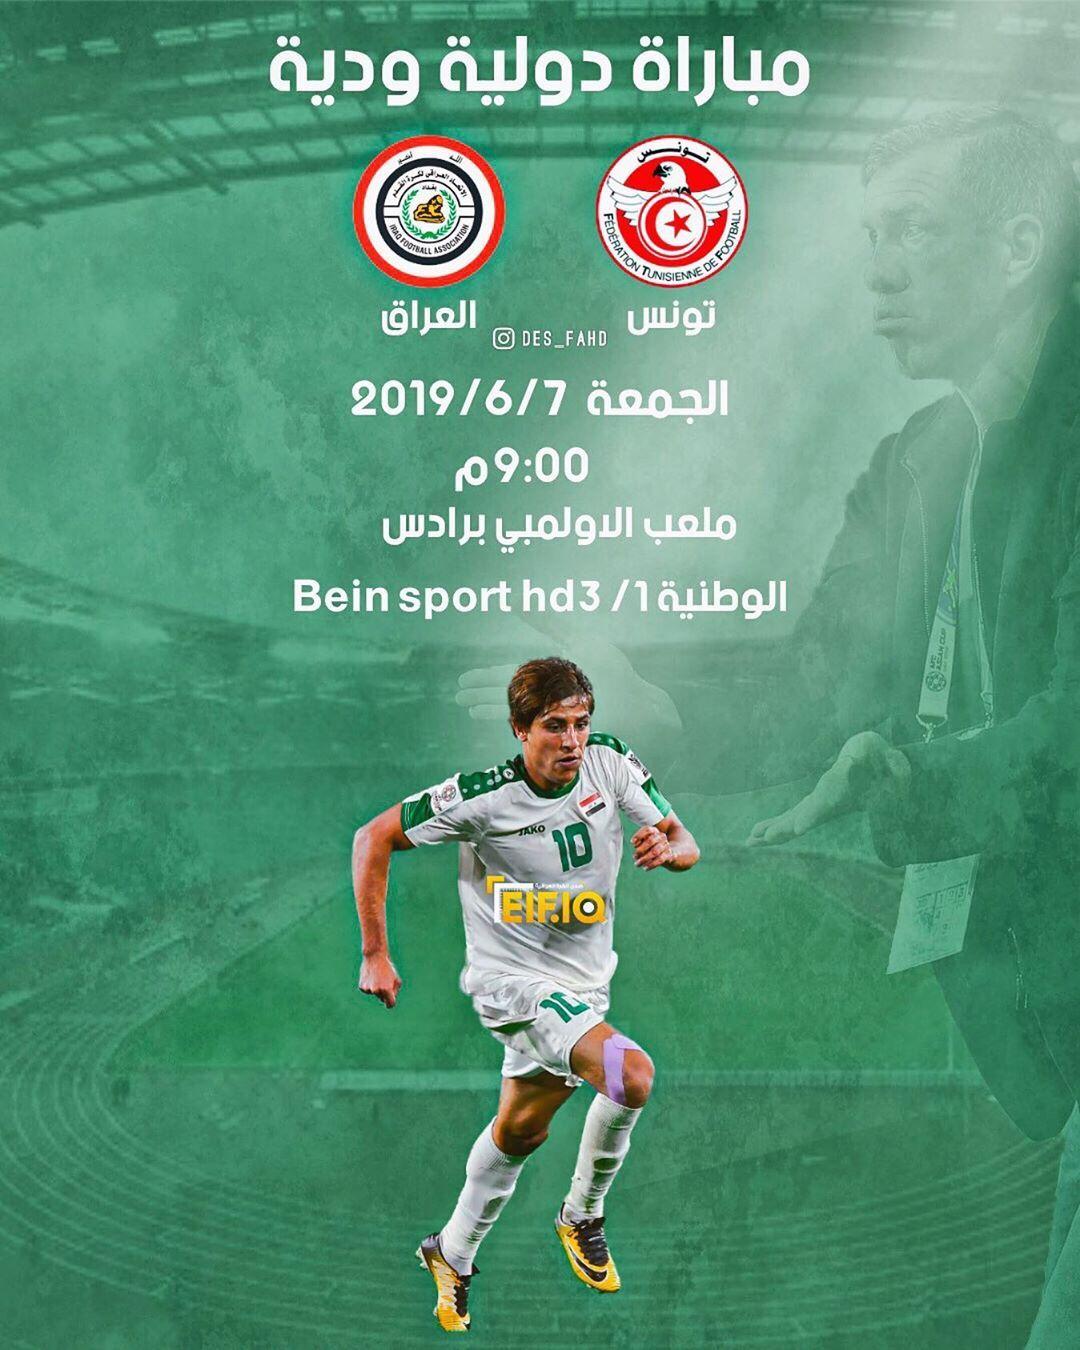 بطاقة مباراة منتخبنا العراقي ضد المنتخب التونسي ماهي توقعاتكم للمباراة Eif Iq بطاقة مباراة منتخبنا العراقي ضد المنتخب التونسي م Movies Memes Movie Posters